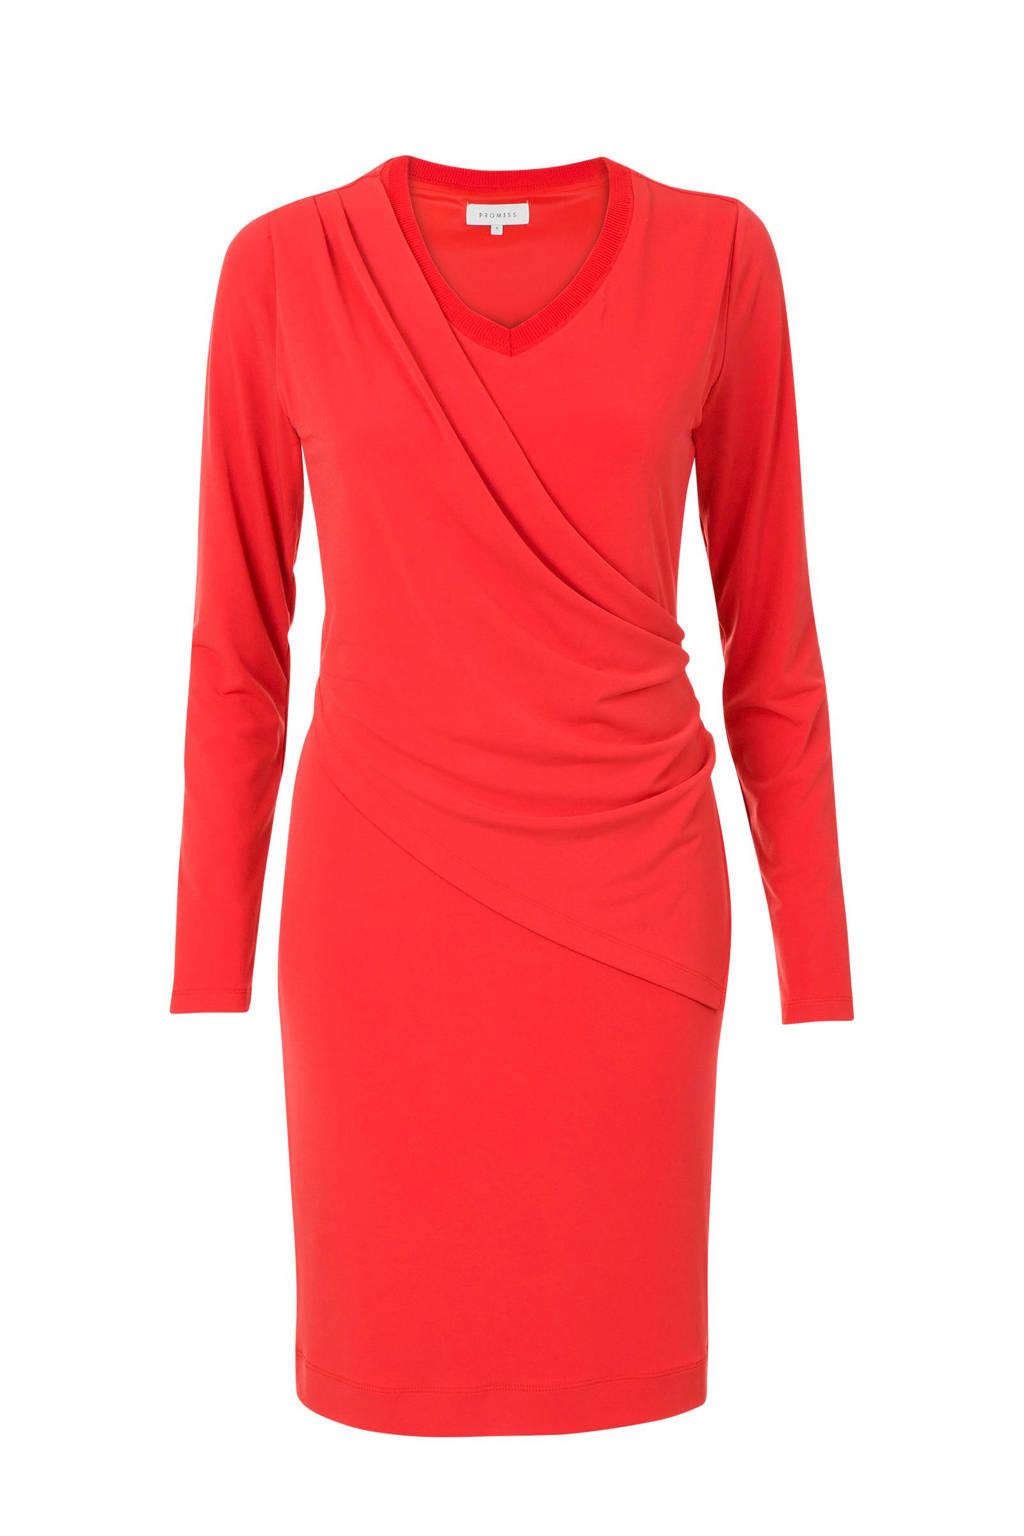 Promiss jurk rood, Rood